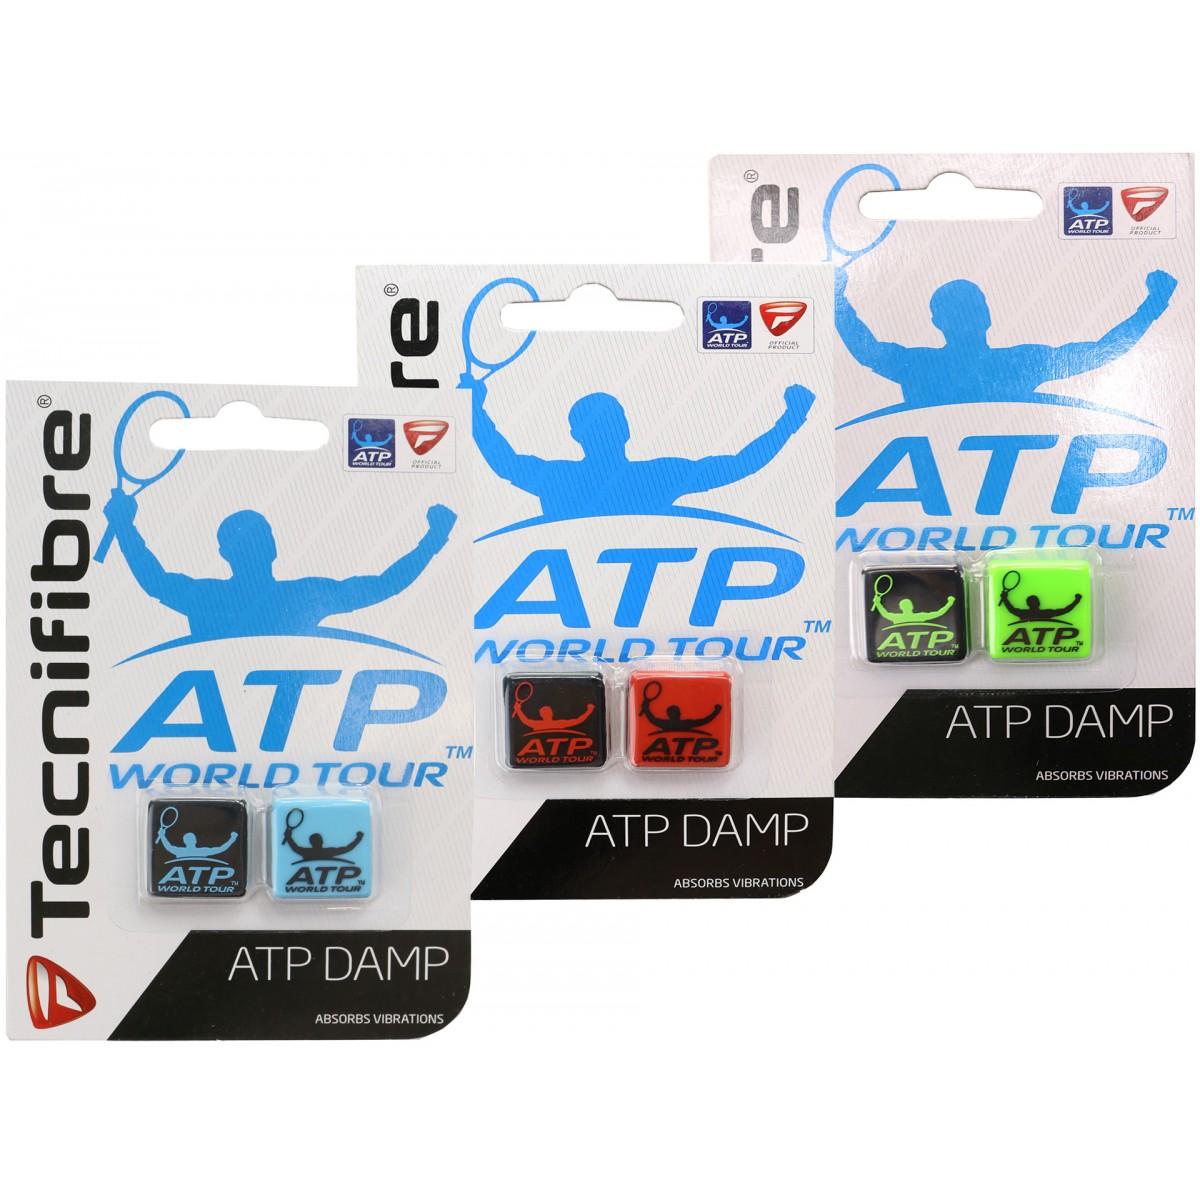 ANTIVIBRATEURS TECNIFIBRE DAMP ATP